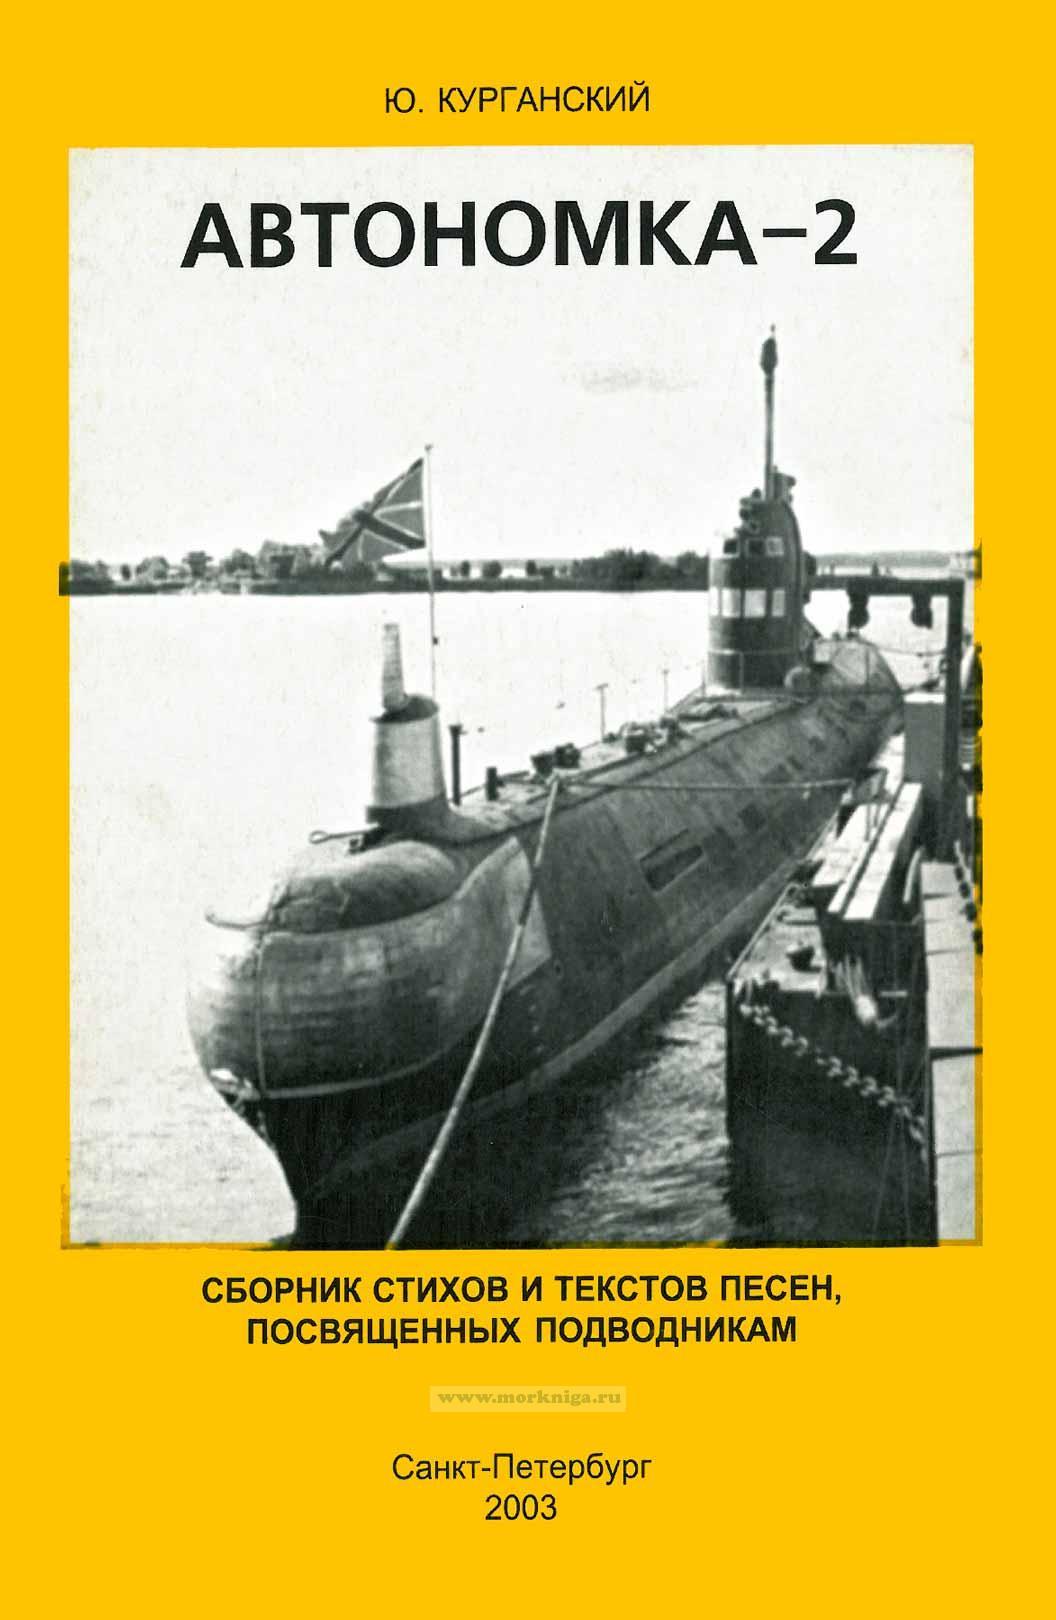 Автономка-2. Сборник стихов и песен, посвященных подводникам